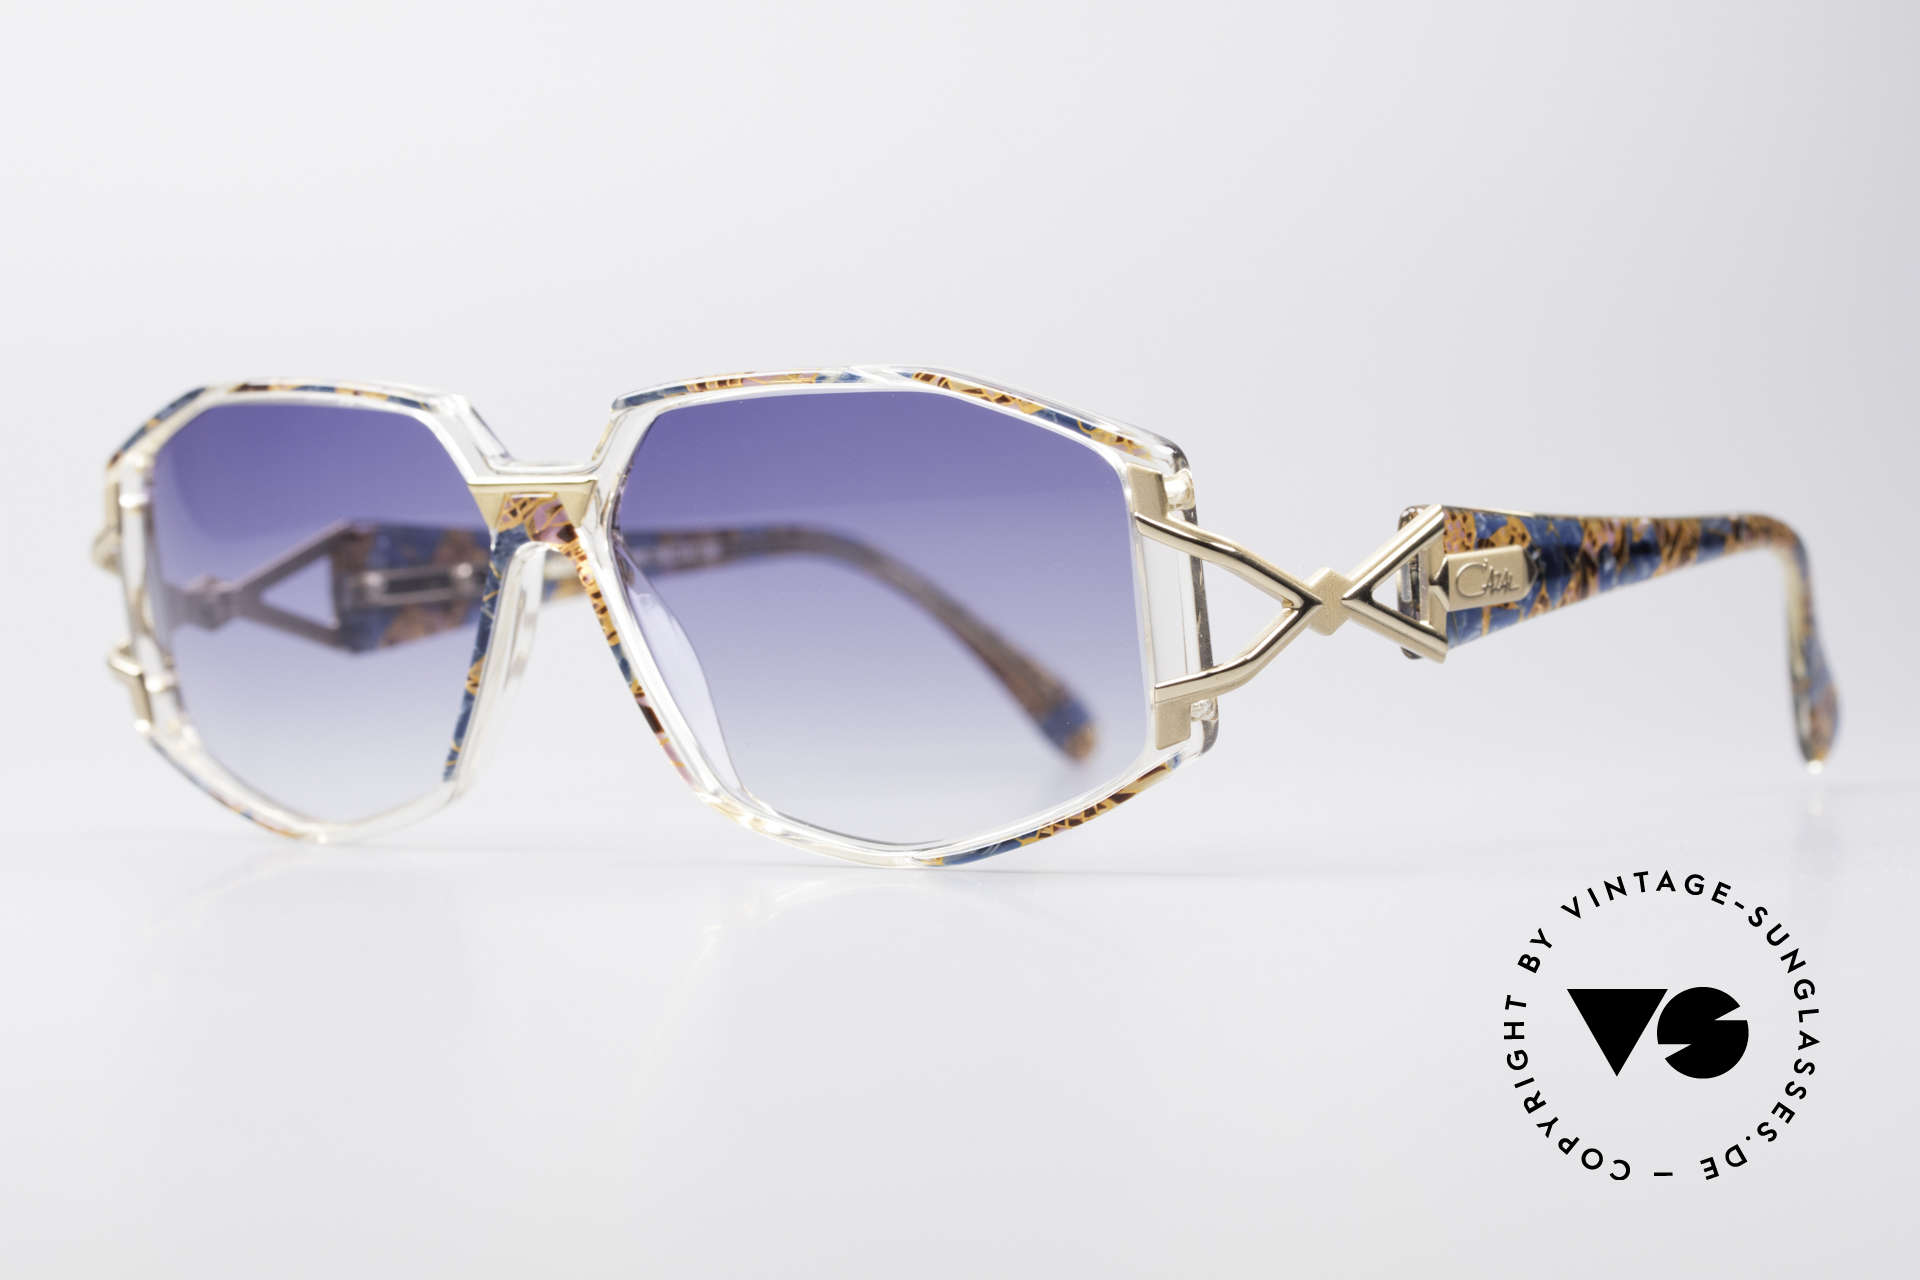 Cazal 368 90er Hip Hop Old School Brille, Verarbeitung und Haltbarkeit auf höchstem Niveau, Passend für Damen